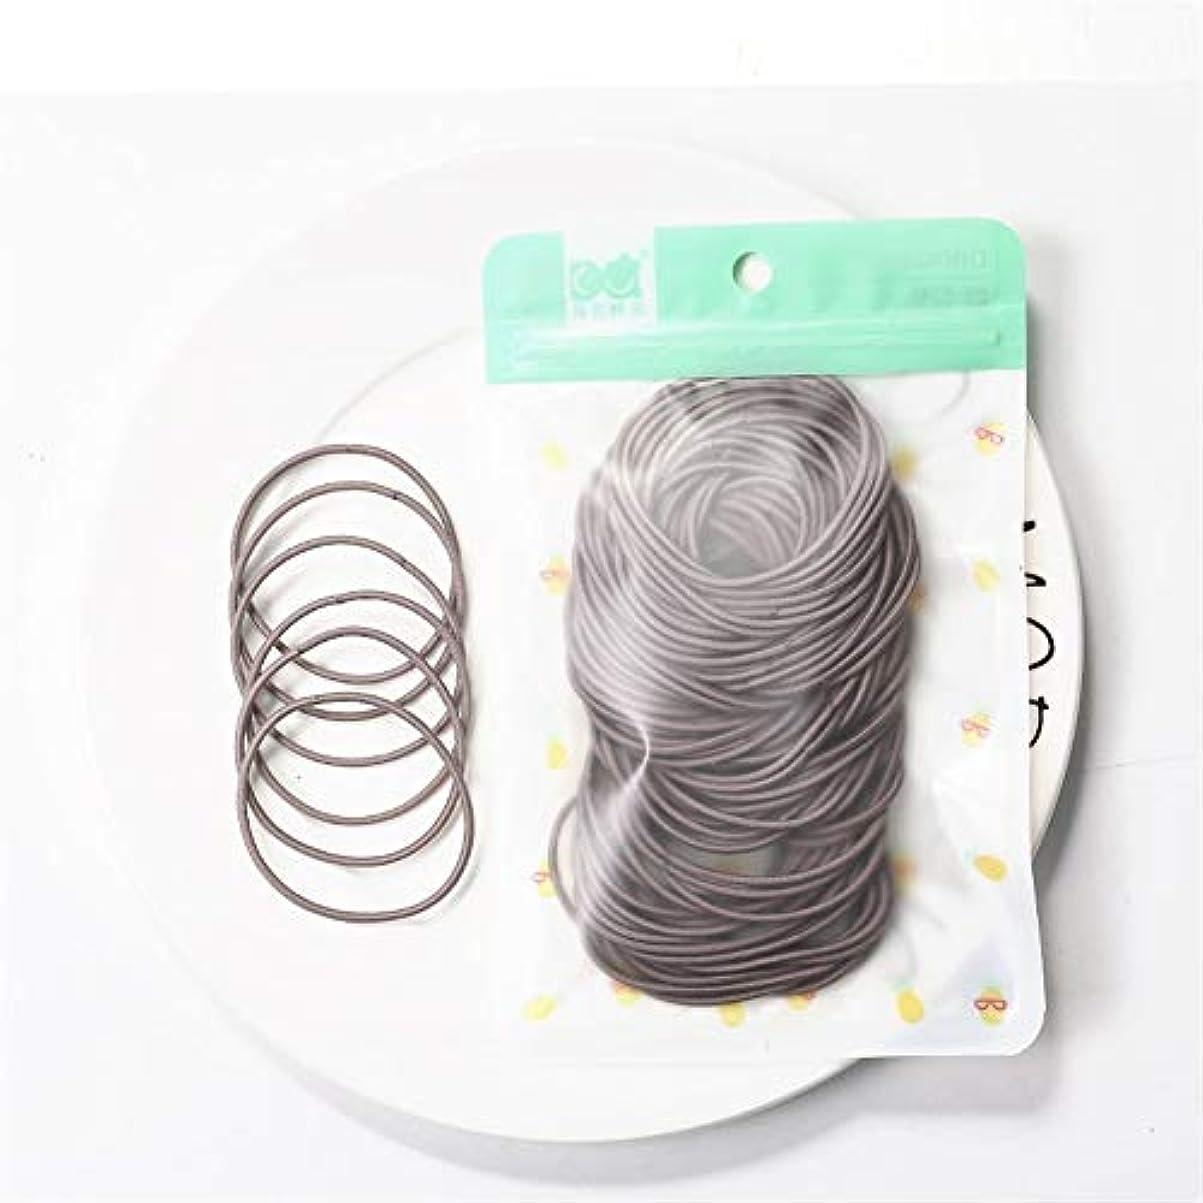 パン屋状案件ZHILI 髪のためのシュシュ弾性ヘアバンドヘッドバンドの女の子の装飾タイガムgummibänderヘアアクセサリーの女性の100枚 (Color : E)